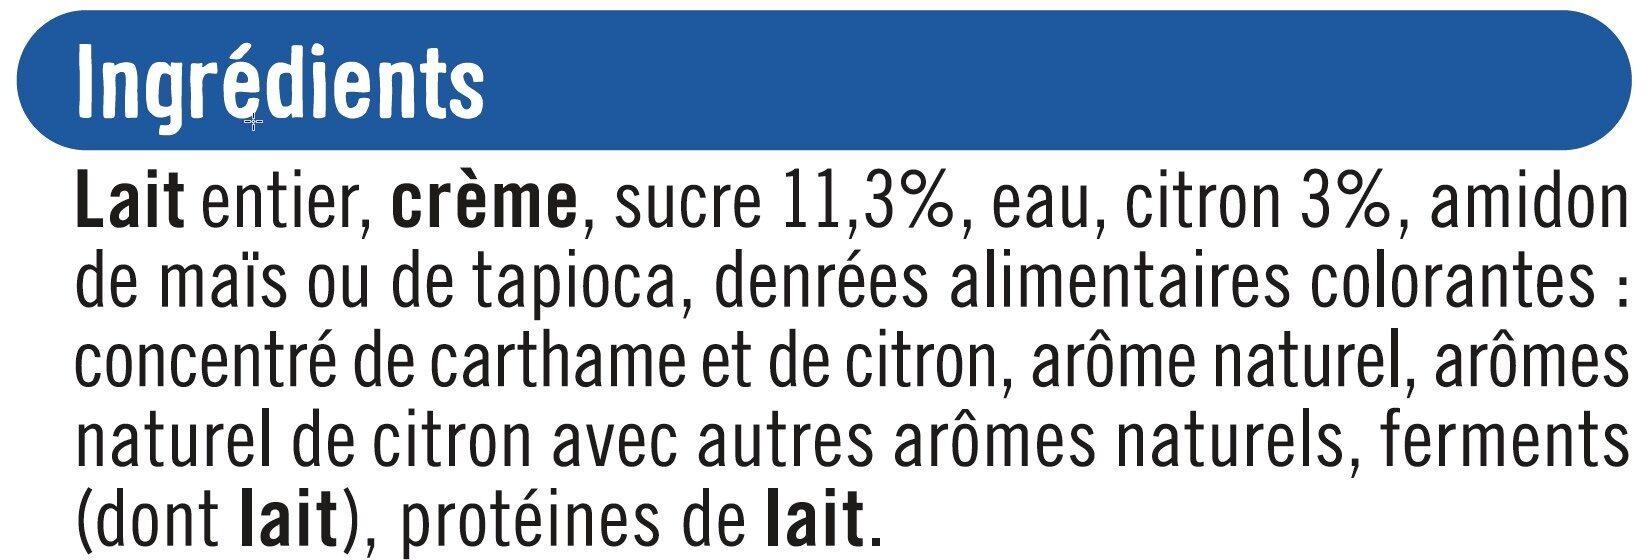 Yaourt à la grecque au citron - Ingredients - fr